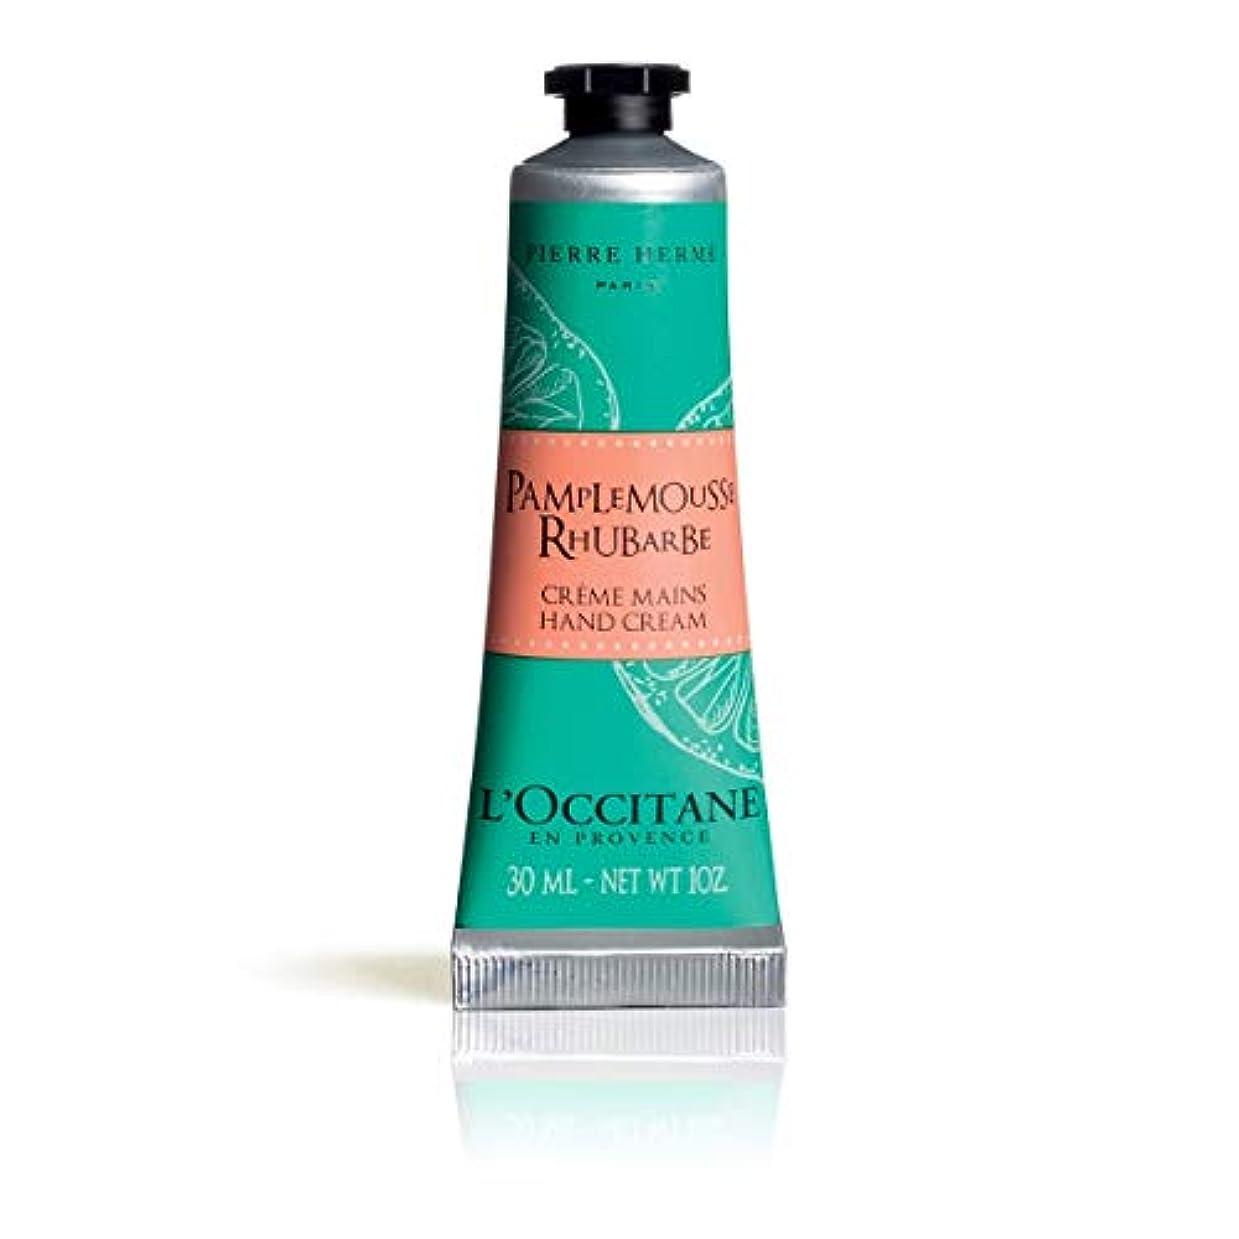 ぬるい八百屋魅力的であることへのアピールロクシタン(L'OCCITANE) パンプルムースルバーブ ハンドクリーム 30ml